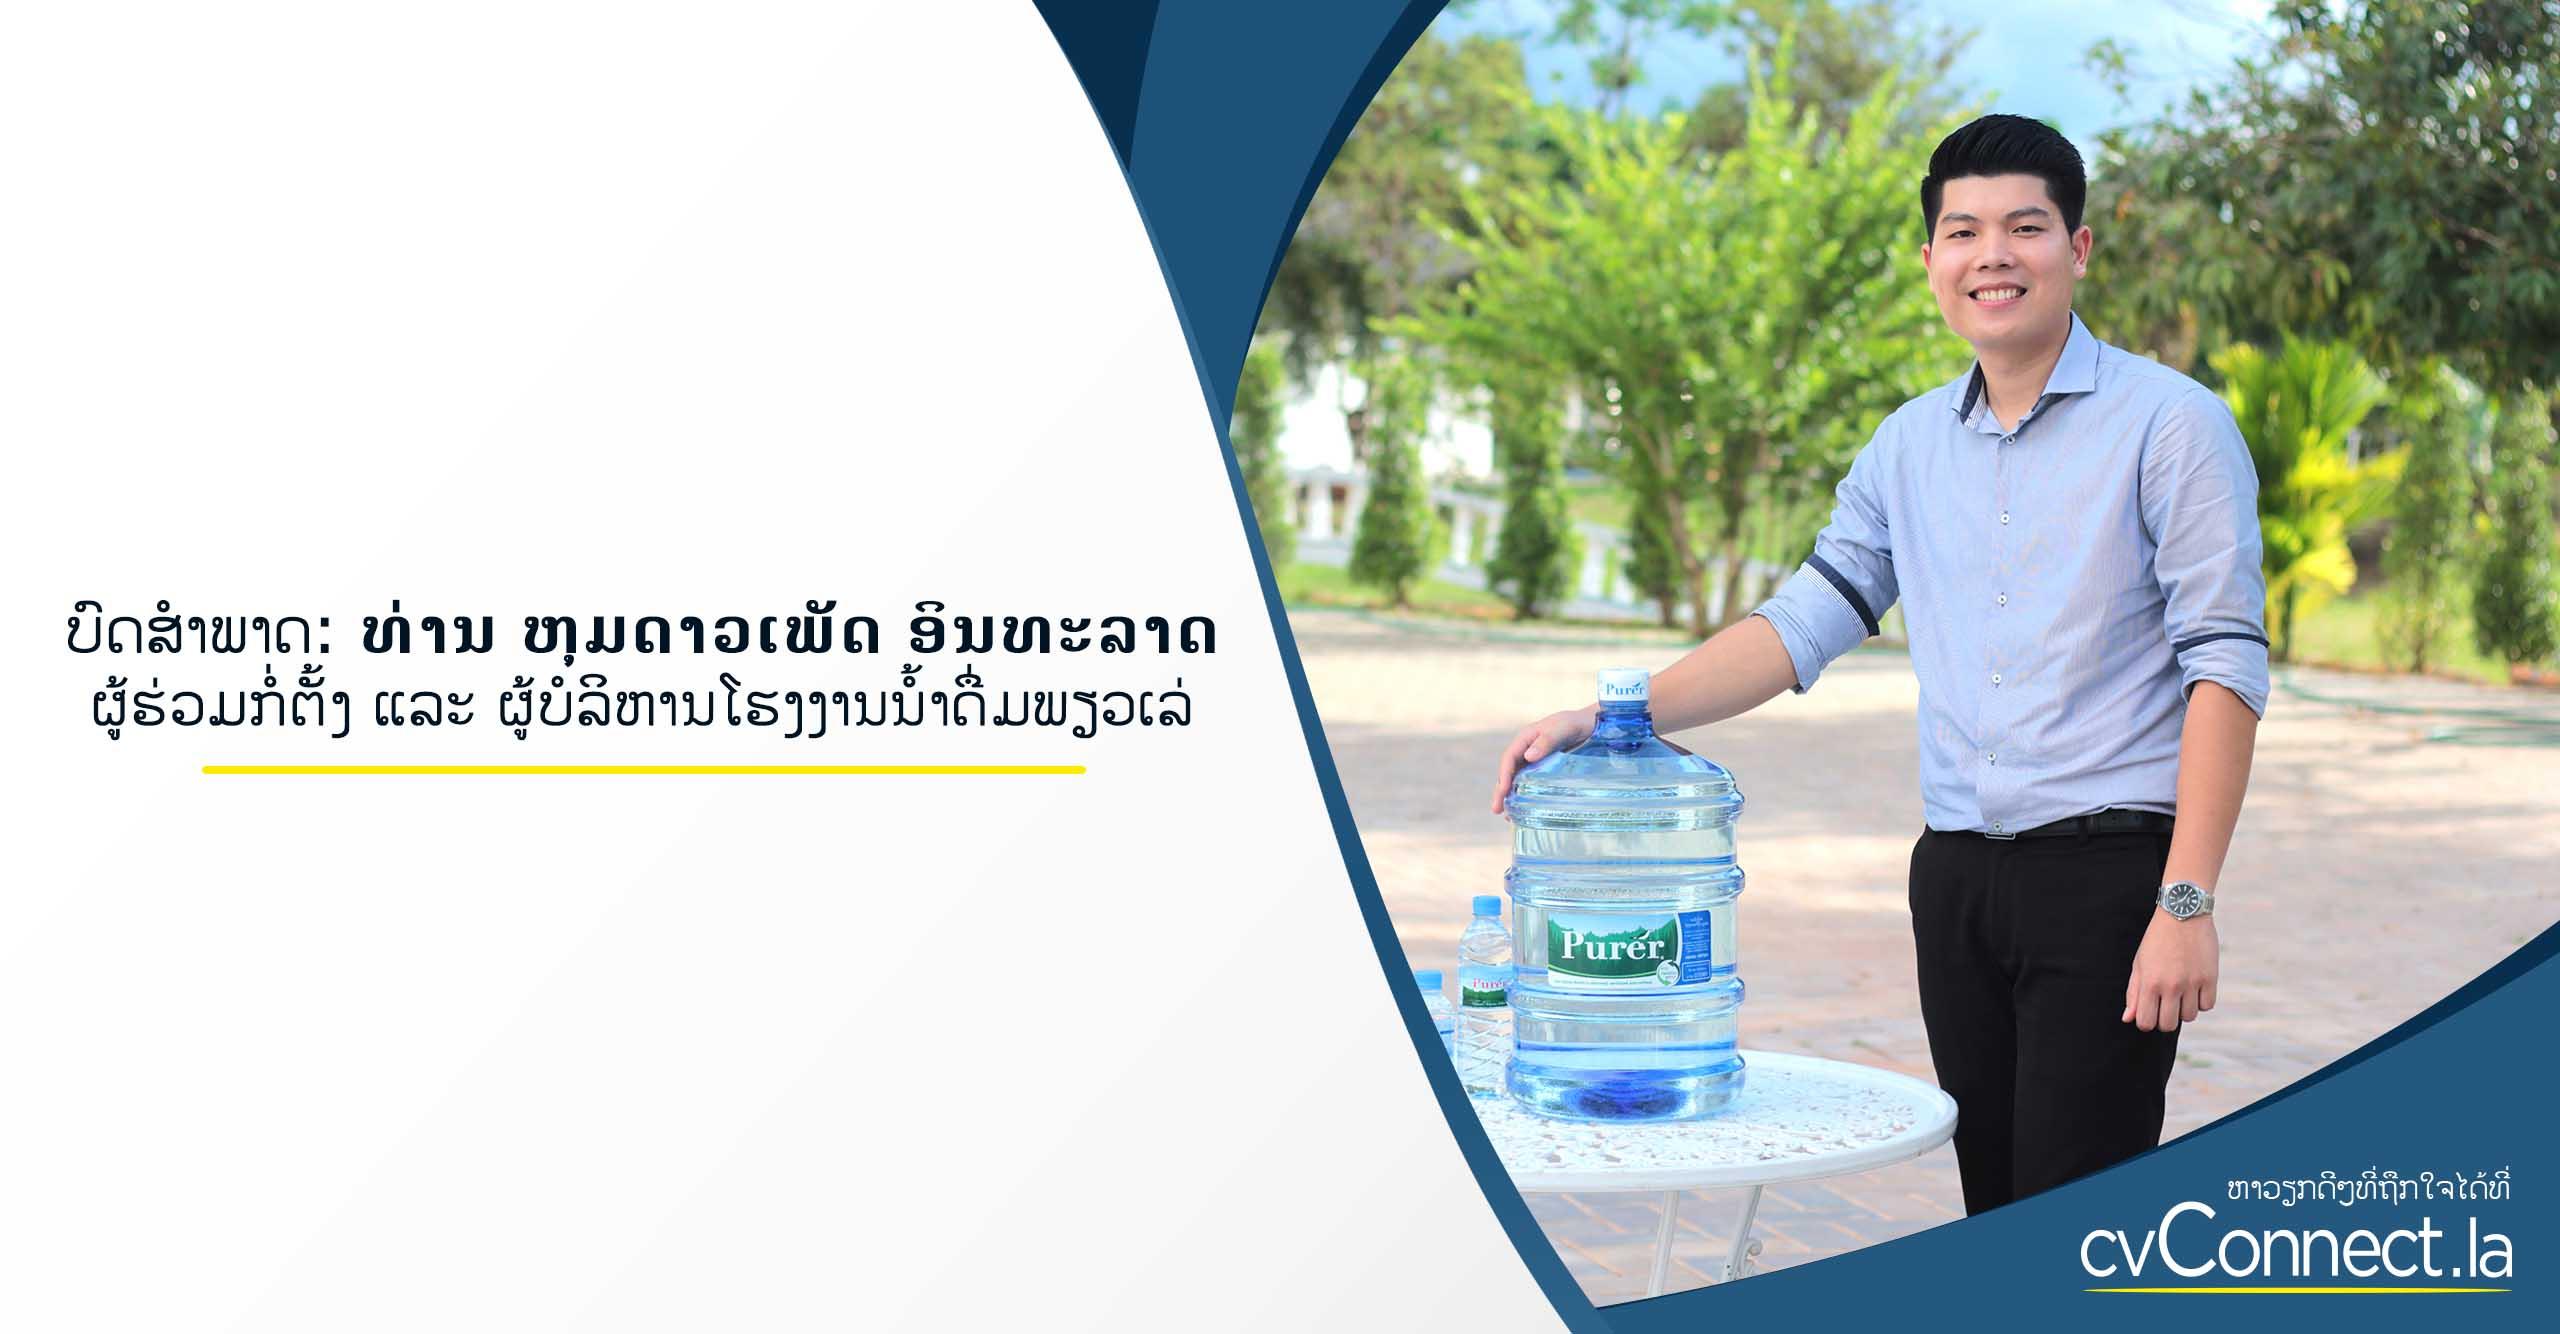 ບົດສຳພາດ: ທ່ານ ຫຸມດາວເພັດ ອິນທະລາດ ຜູ້ຮ່ວມກໍ່ຕັ້ງ ແລະ ຜູ້ບໍລິຫານທຸລະກິດໂຮງງານນໍ້າດື່ມພຽວເລ່ - cvConnect Find Jobs in Laos